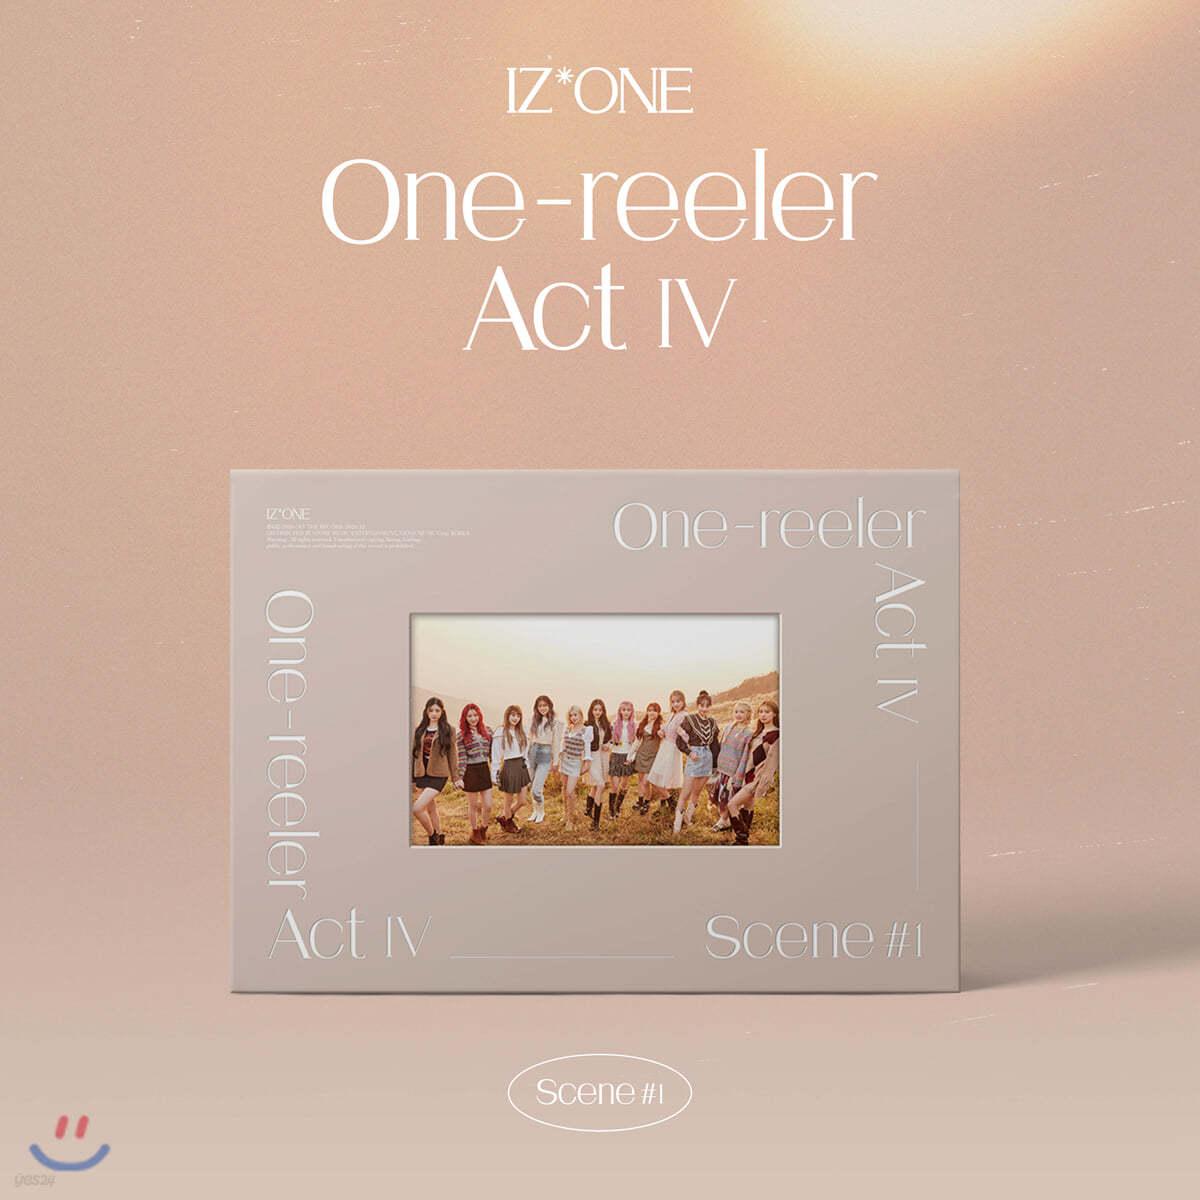 [1회차(원영,민주,히토미,은비) 응모상품] 아이즈원 (IZ*ONE) - 미니앨범 4집 : One-reeler / Act IV [Scene #1 'Color of Youth']